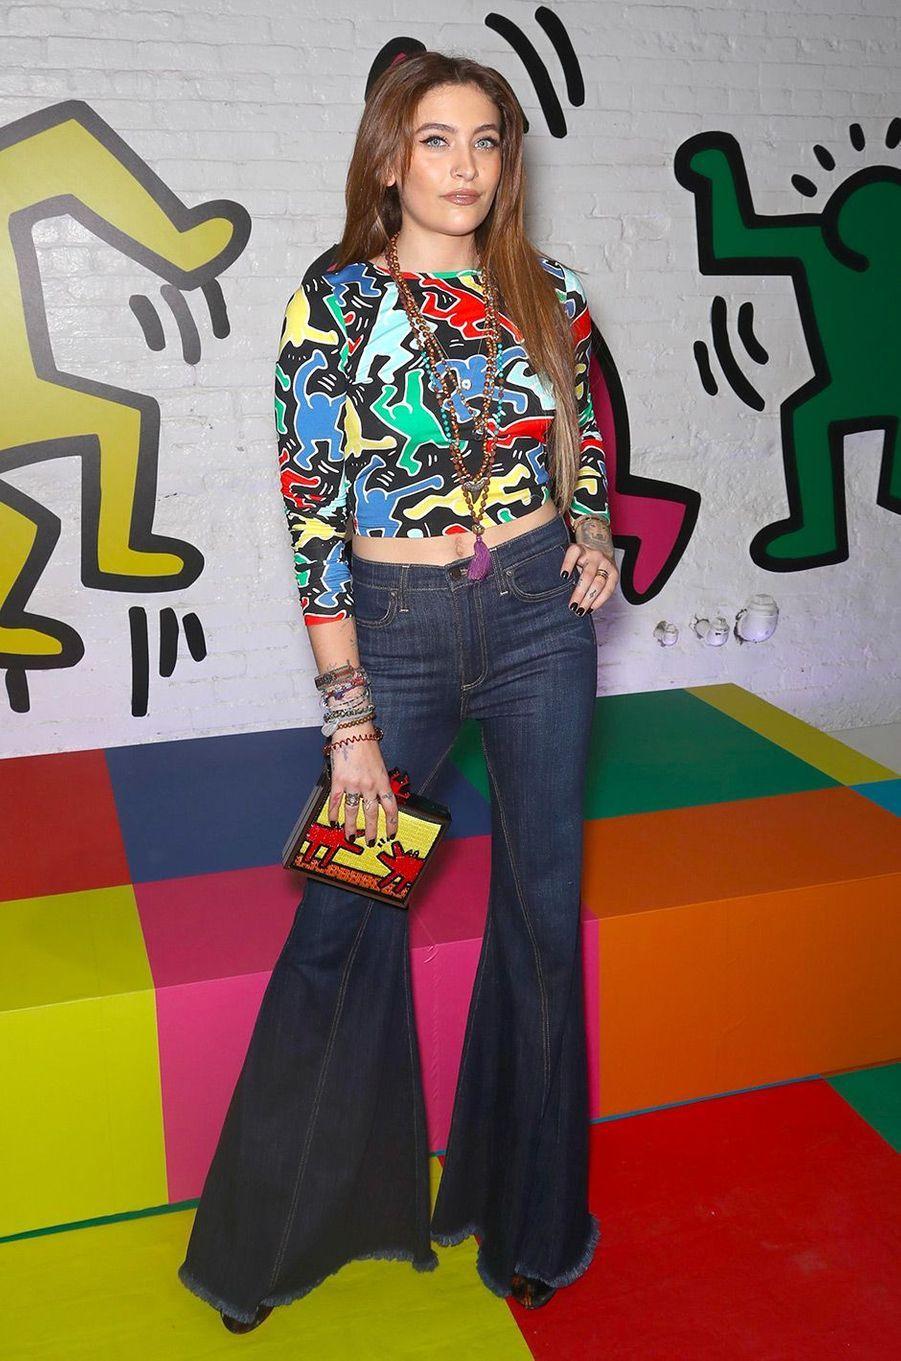 ParisJackson à la soirée de lancement de la collection Keith Haring x Alice + Olivia, à New York, mardi 13 novembre